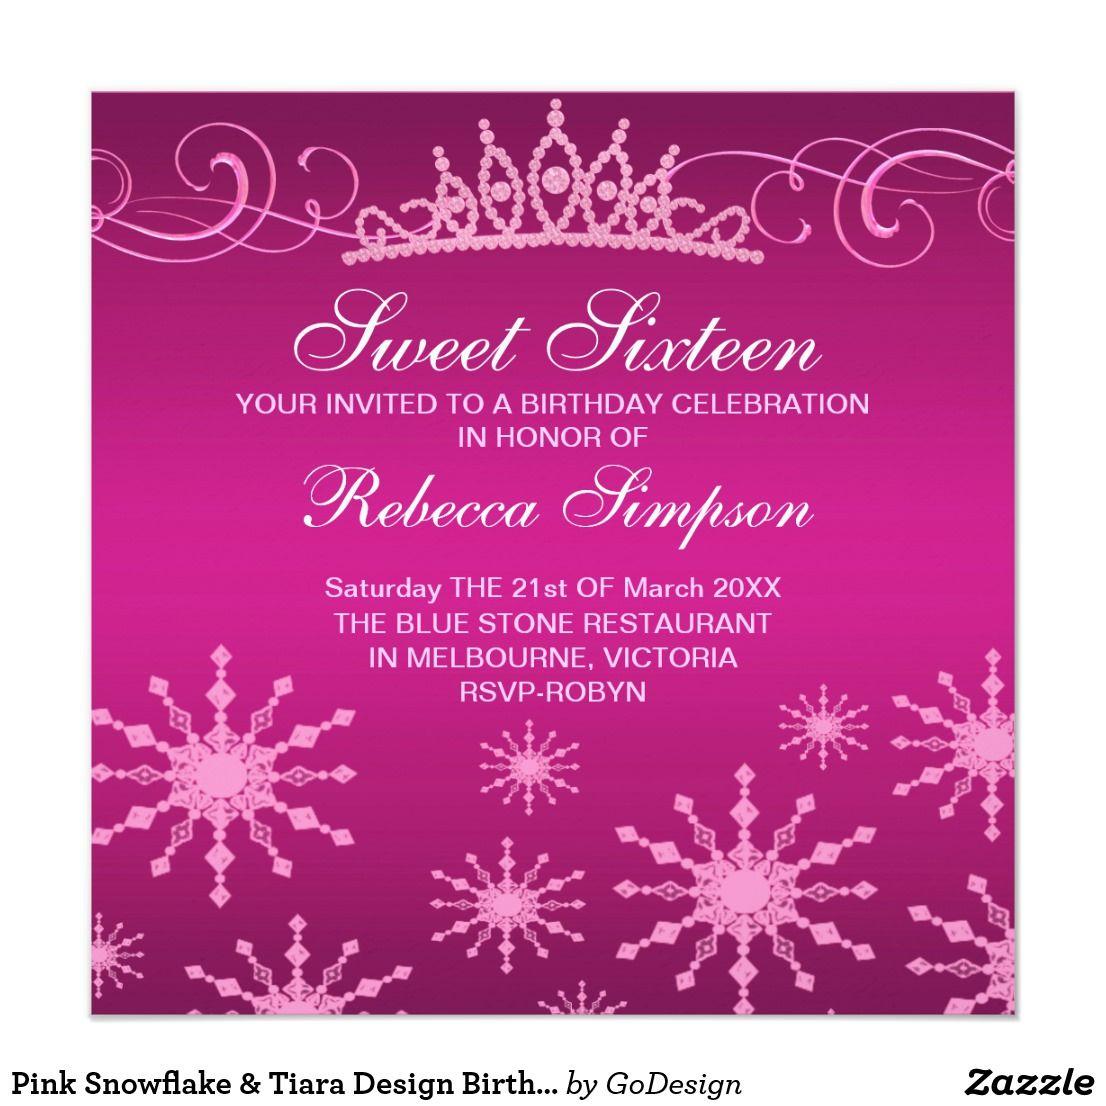 Pink Snowflake & Tiara Design Birthday Invitation Elegant Pink ...